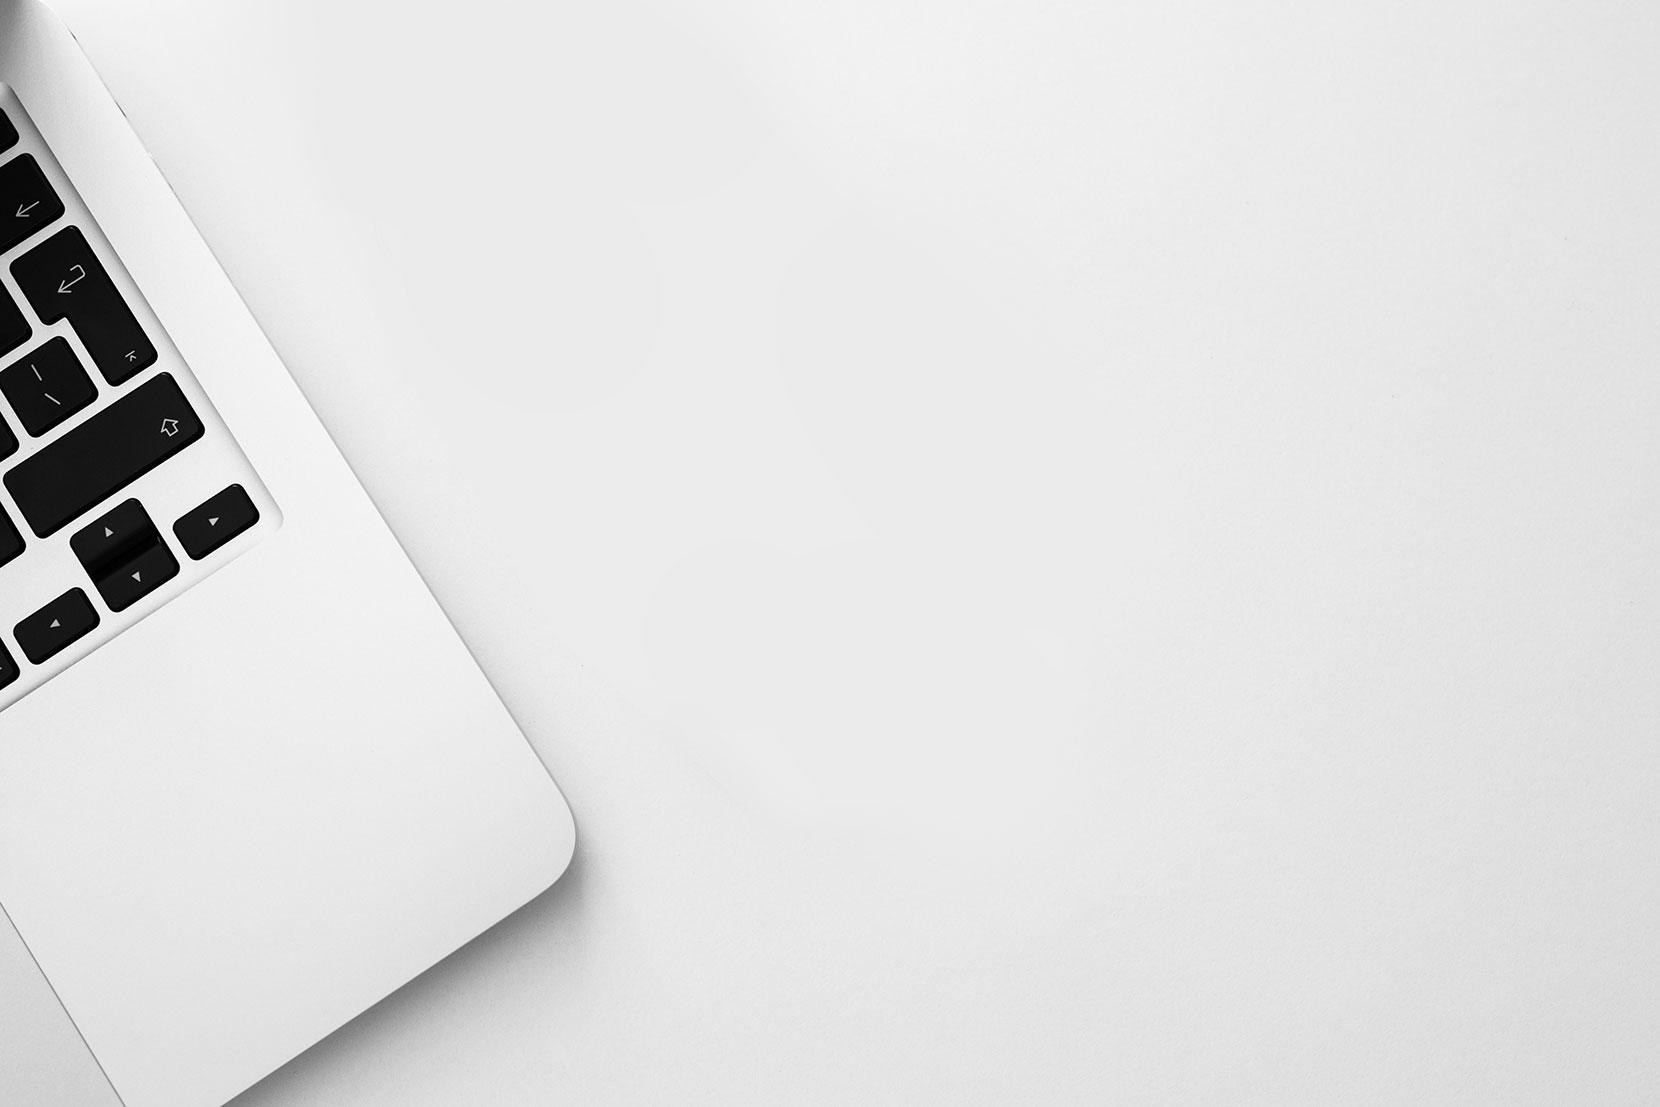 Bild von einem Laptop, stellvertretend für Webanwendungen